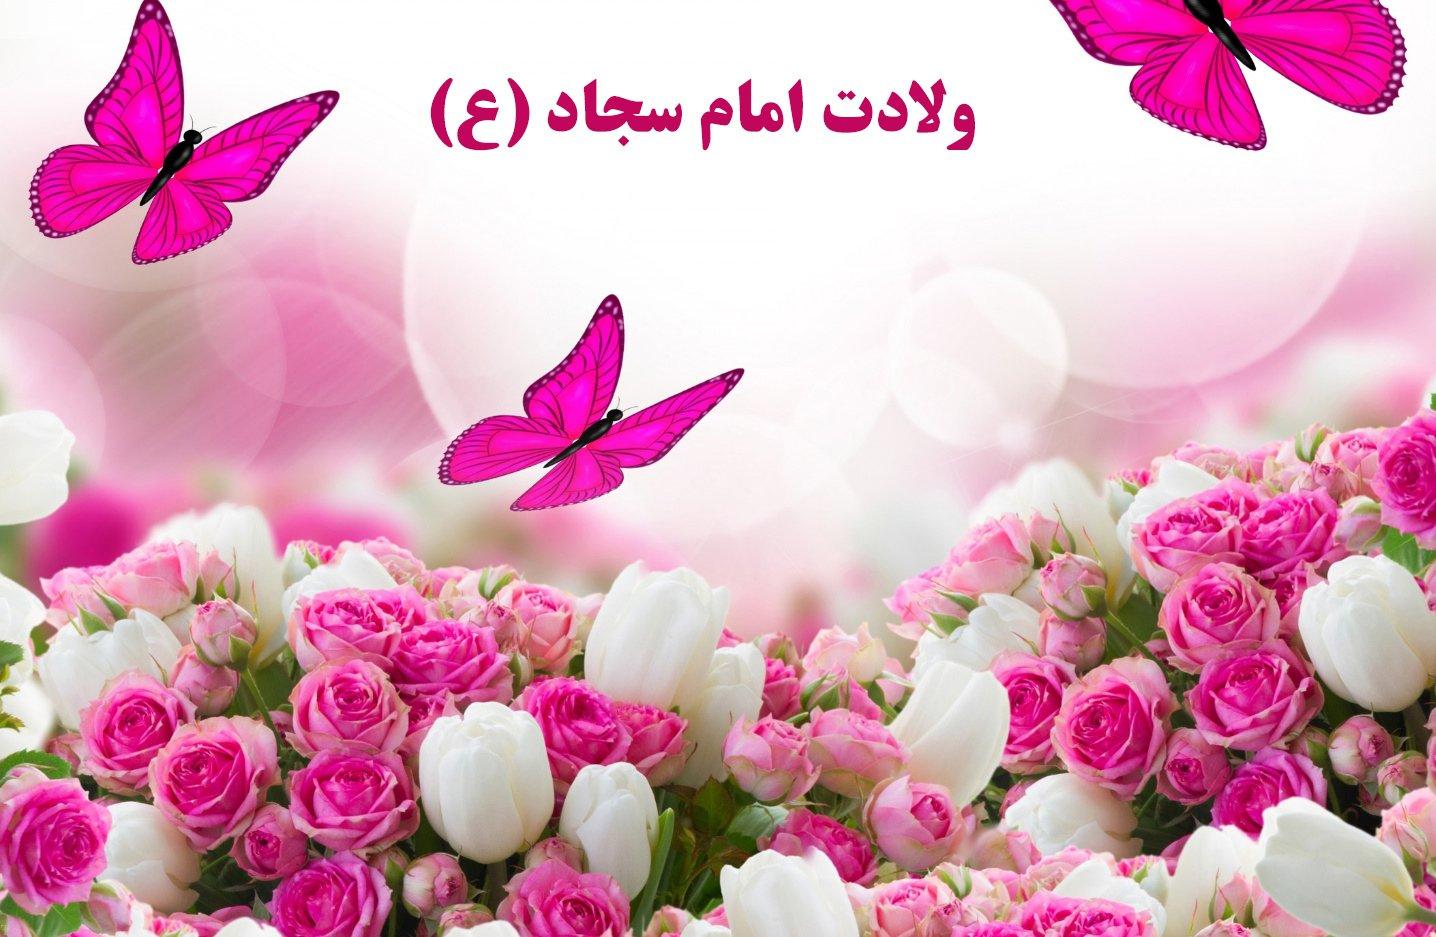 جملات زیبا برای تبریک ولادت امام سجاد - زین العابدین (ع)